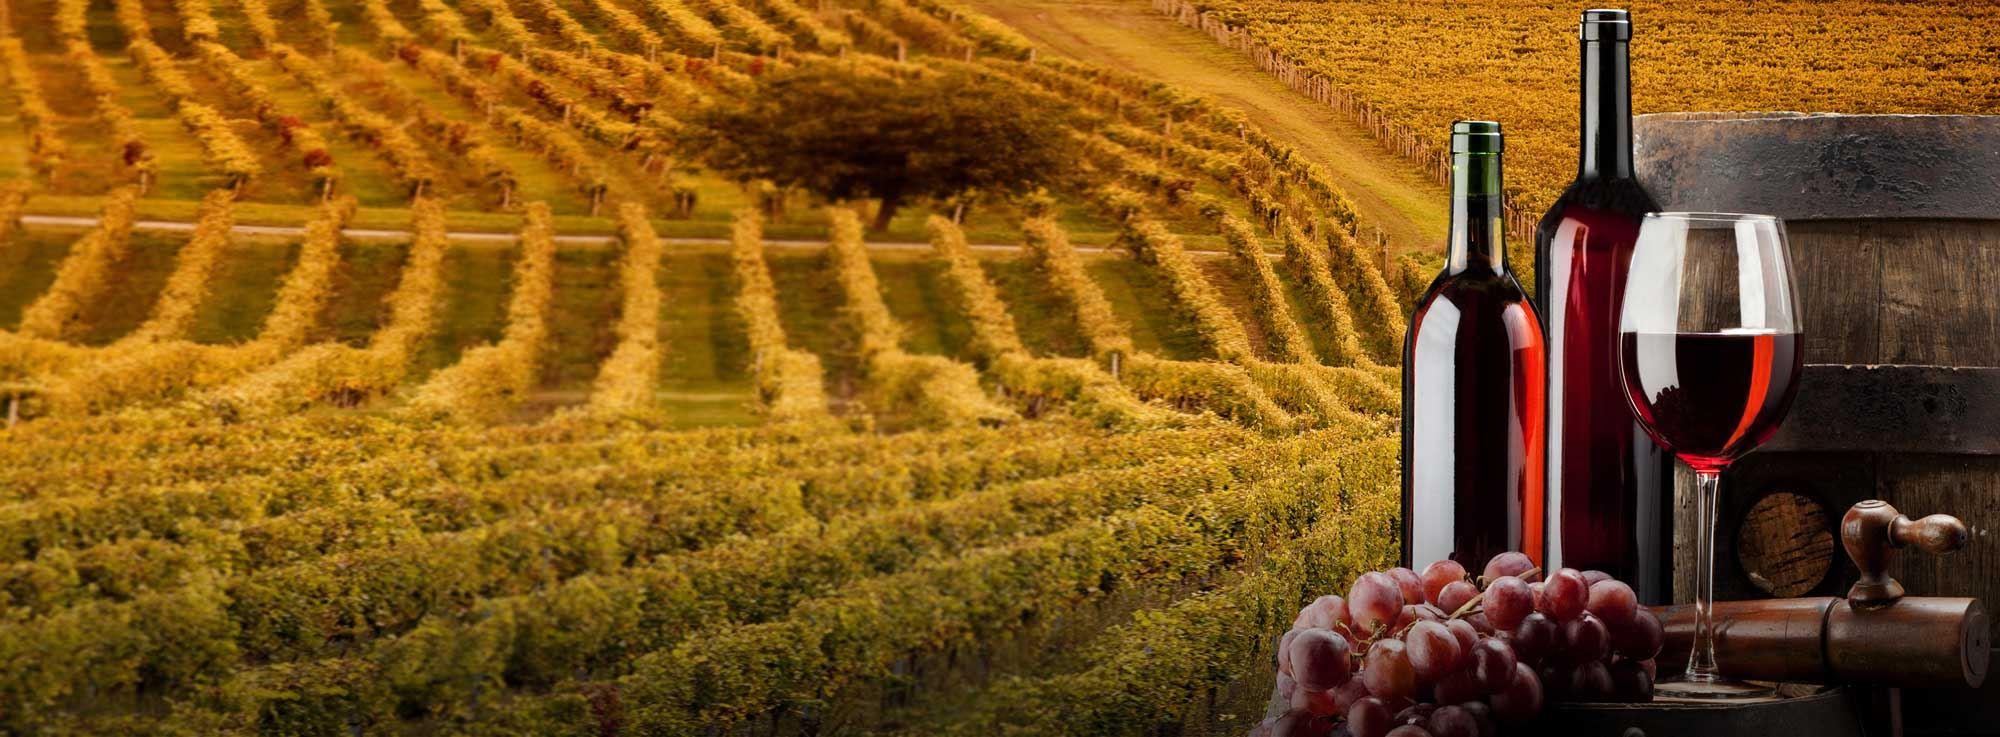 Barletta: Nero di Troia e vitigni pugliesi